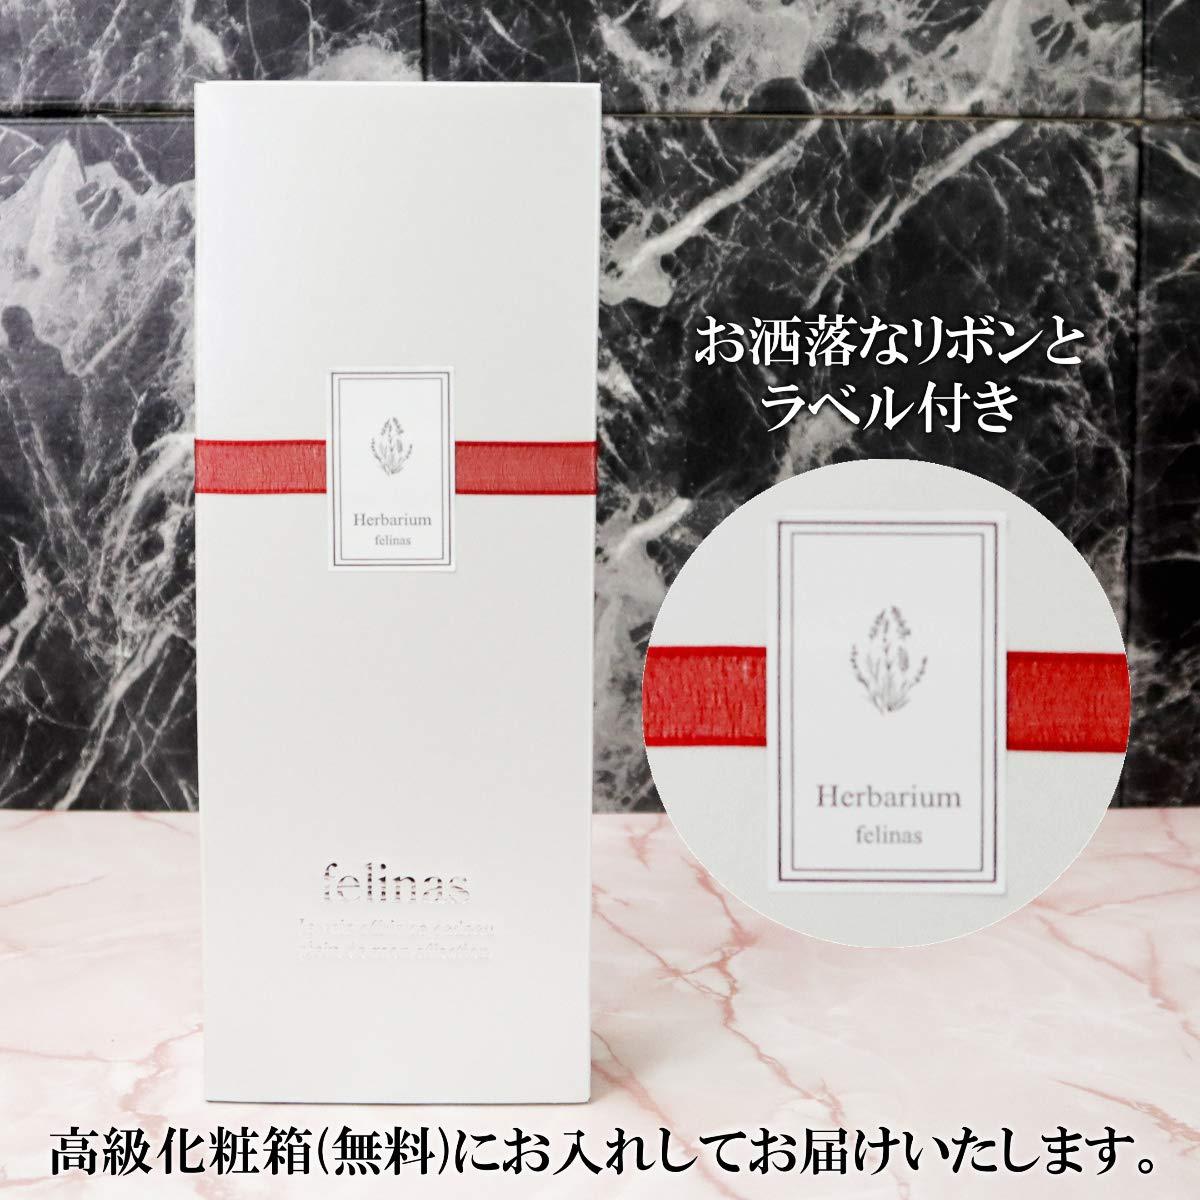 ハーバリウム 角瓶 (1本) レッド 赤 母の日 2020 花 ギフト / 送料無料 日付指定 プレゼント 贈り物 誕生日 結婚 記念日 フェリナス